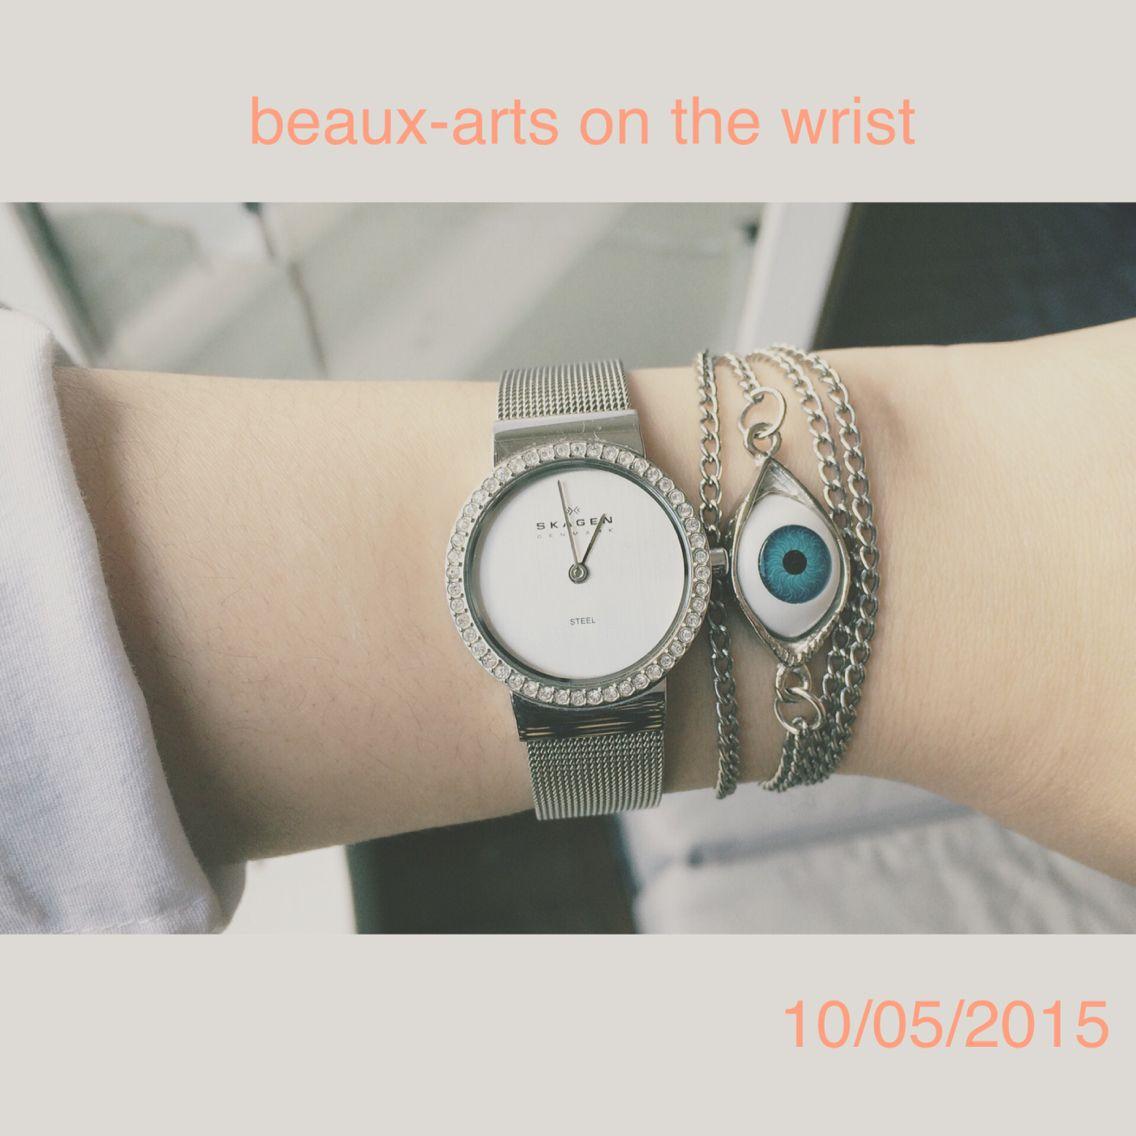 Beaux-art on the wrist